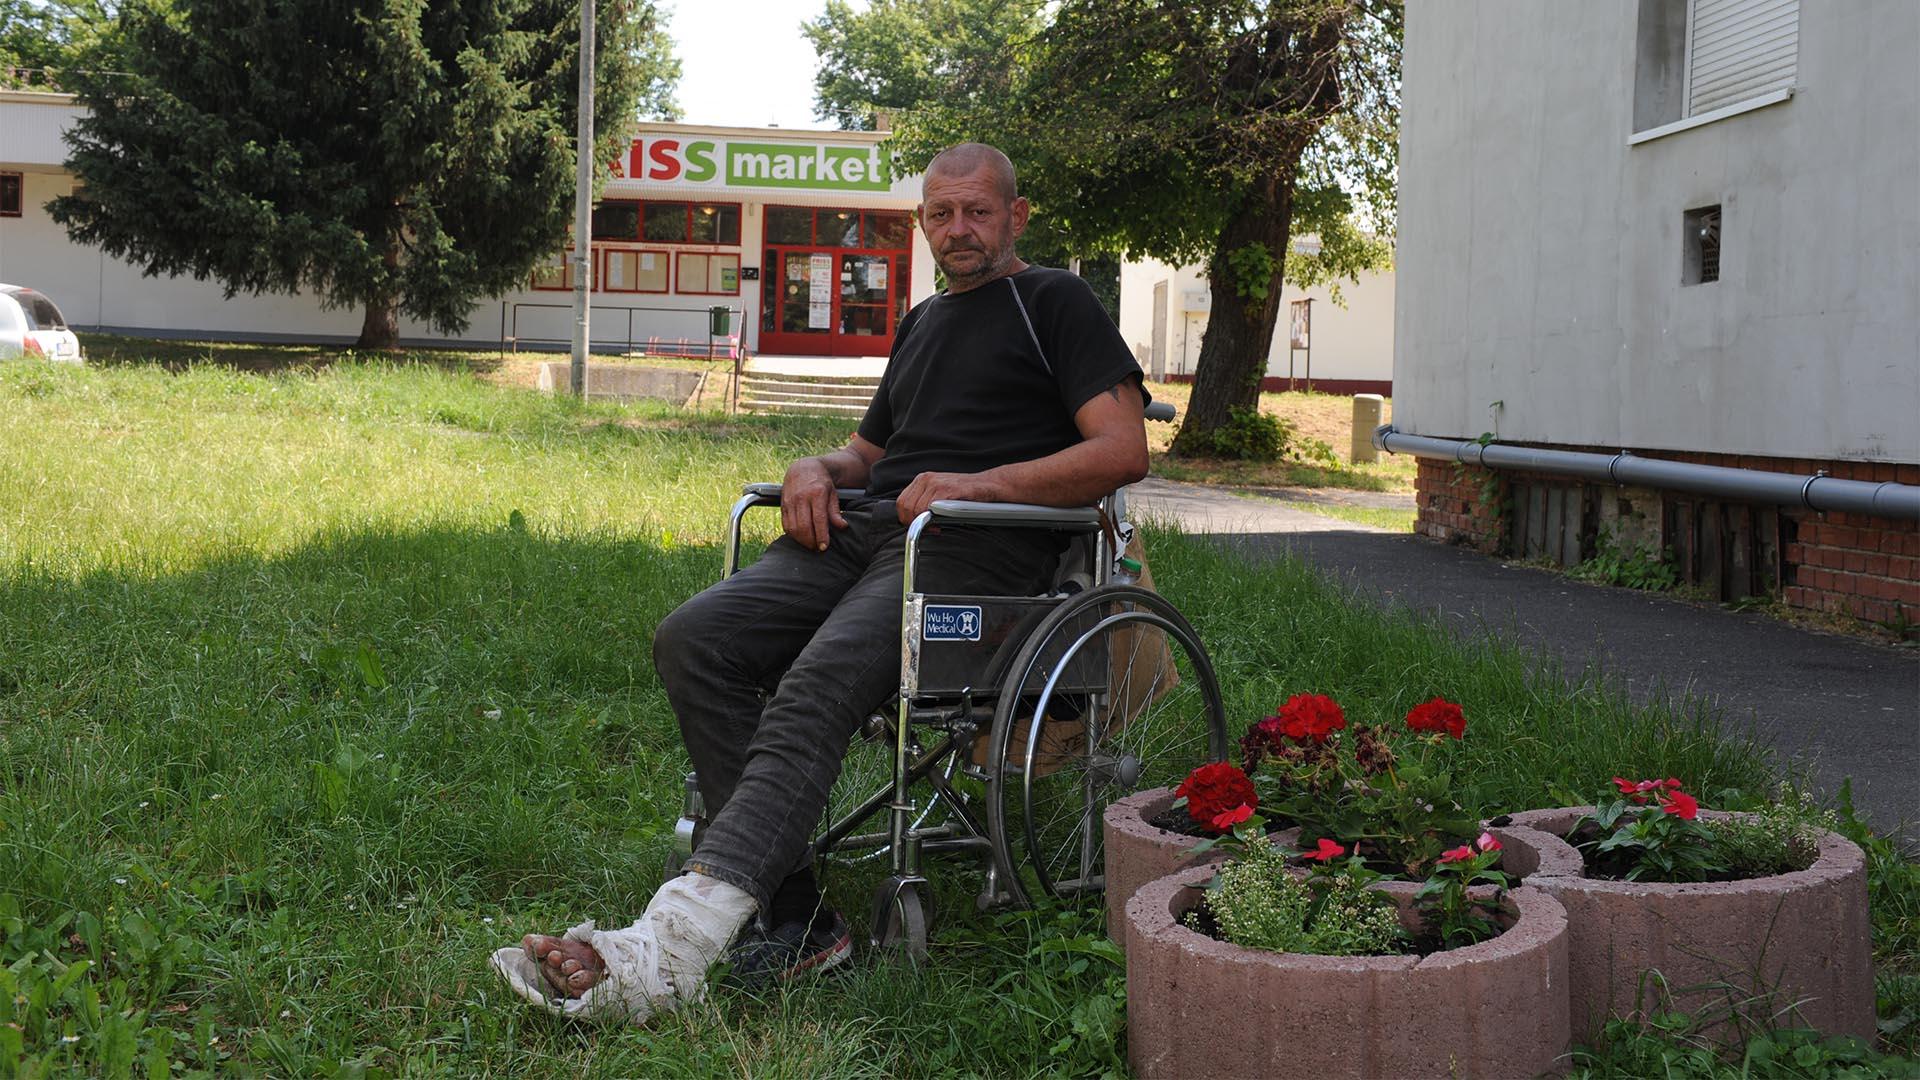 gyámhatóság hajléktalan hernádi adrienn lottó lottófőnyeremény lottónyertes lottószelvény milliomos skandináv lottó varga zsolt